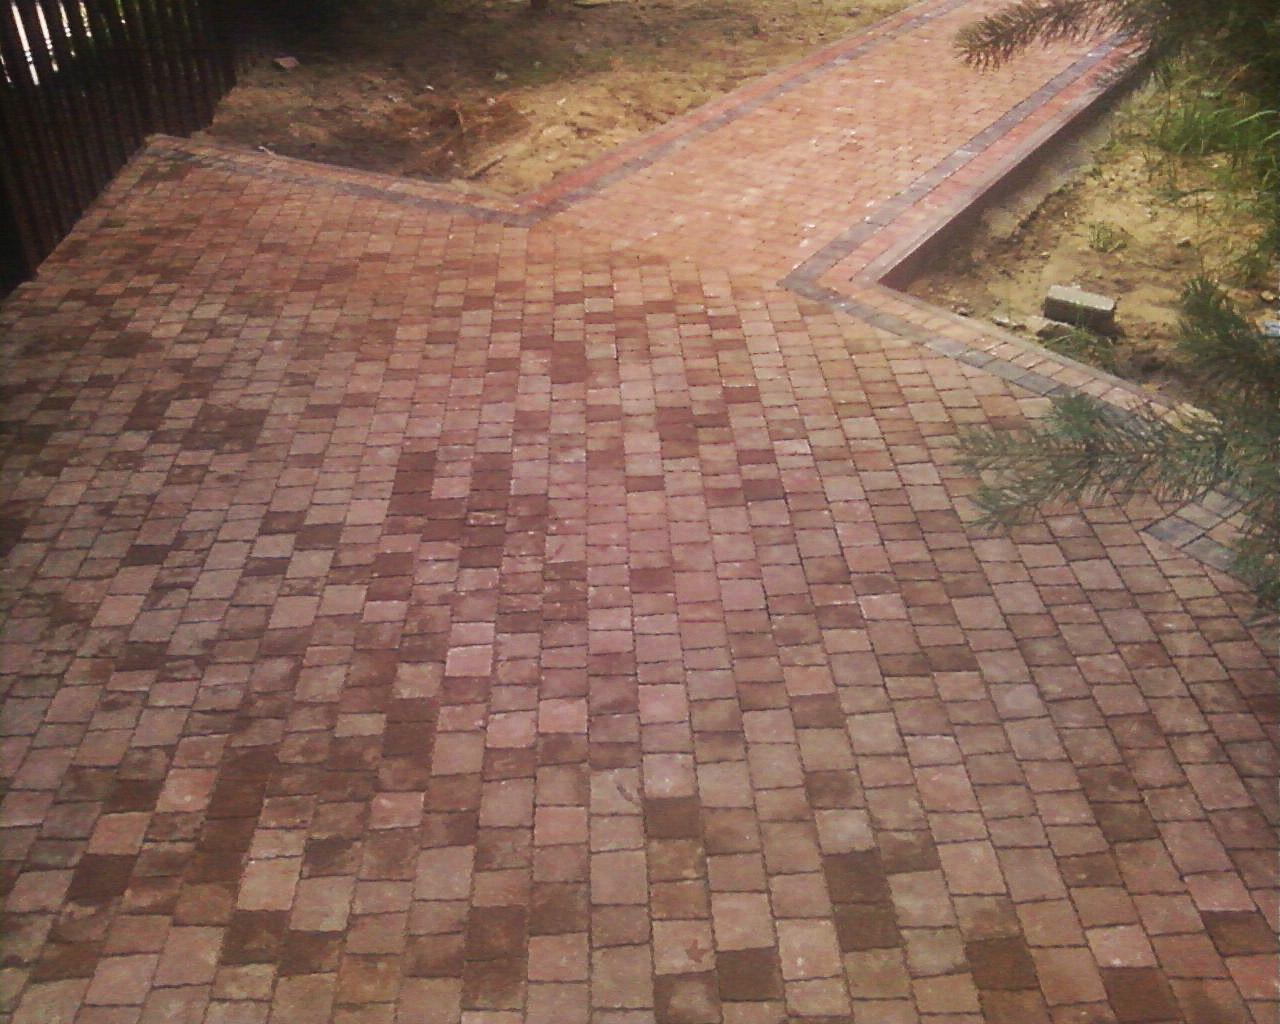 Фото Дорожки и мангальная зона с тротуарной плитки. 230 м2, 250 часов работы.